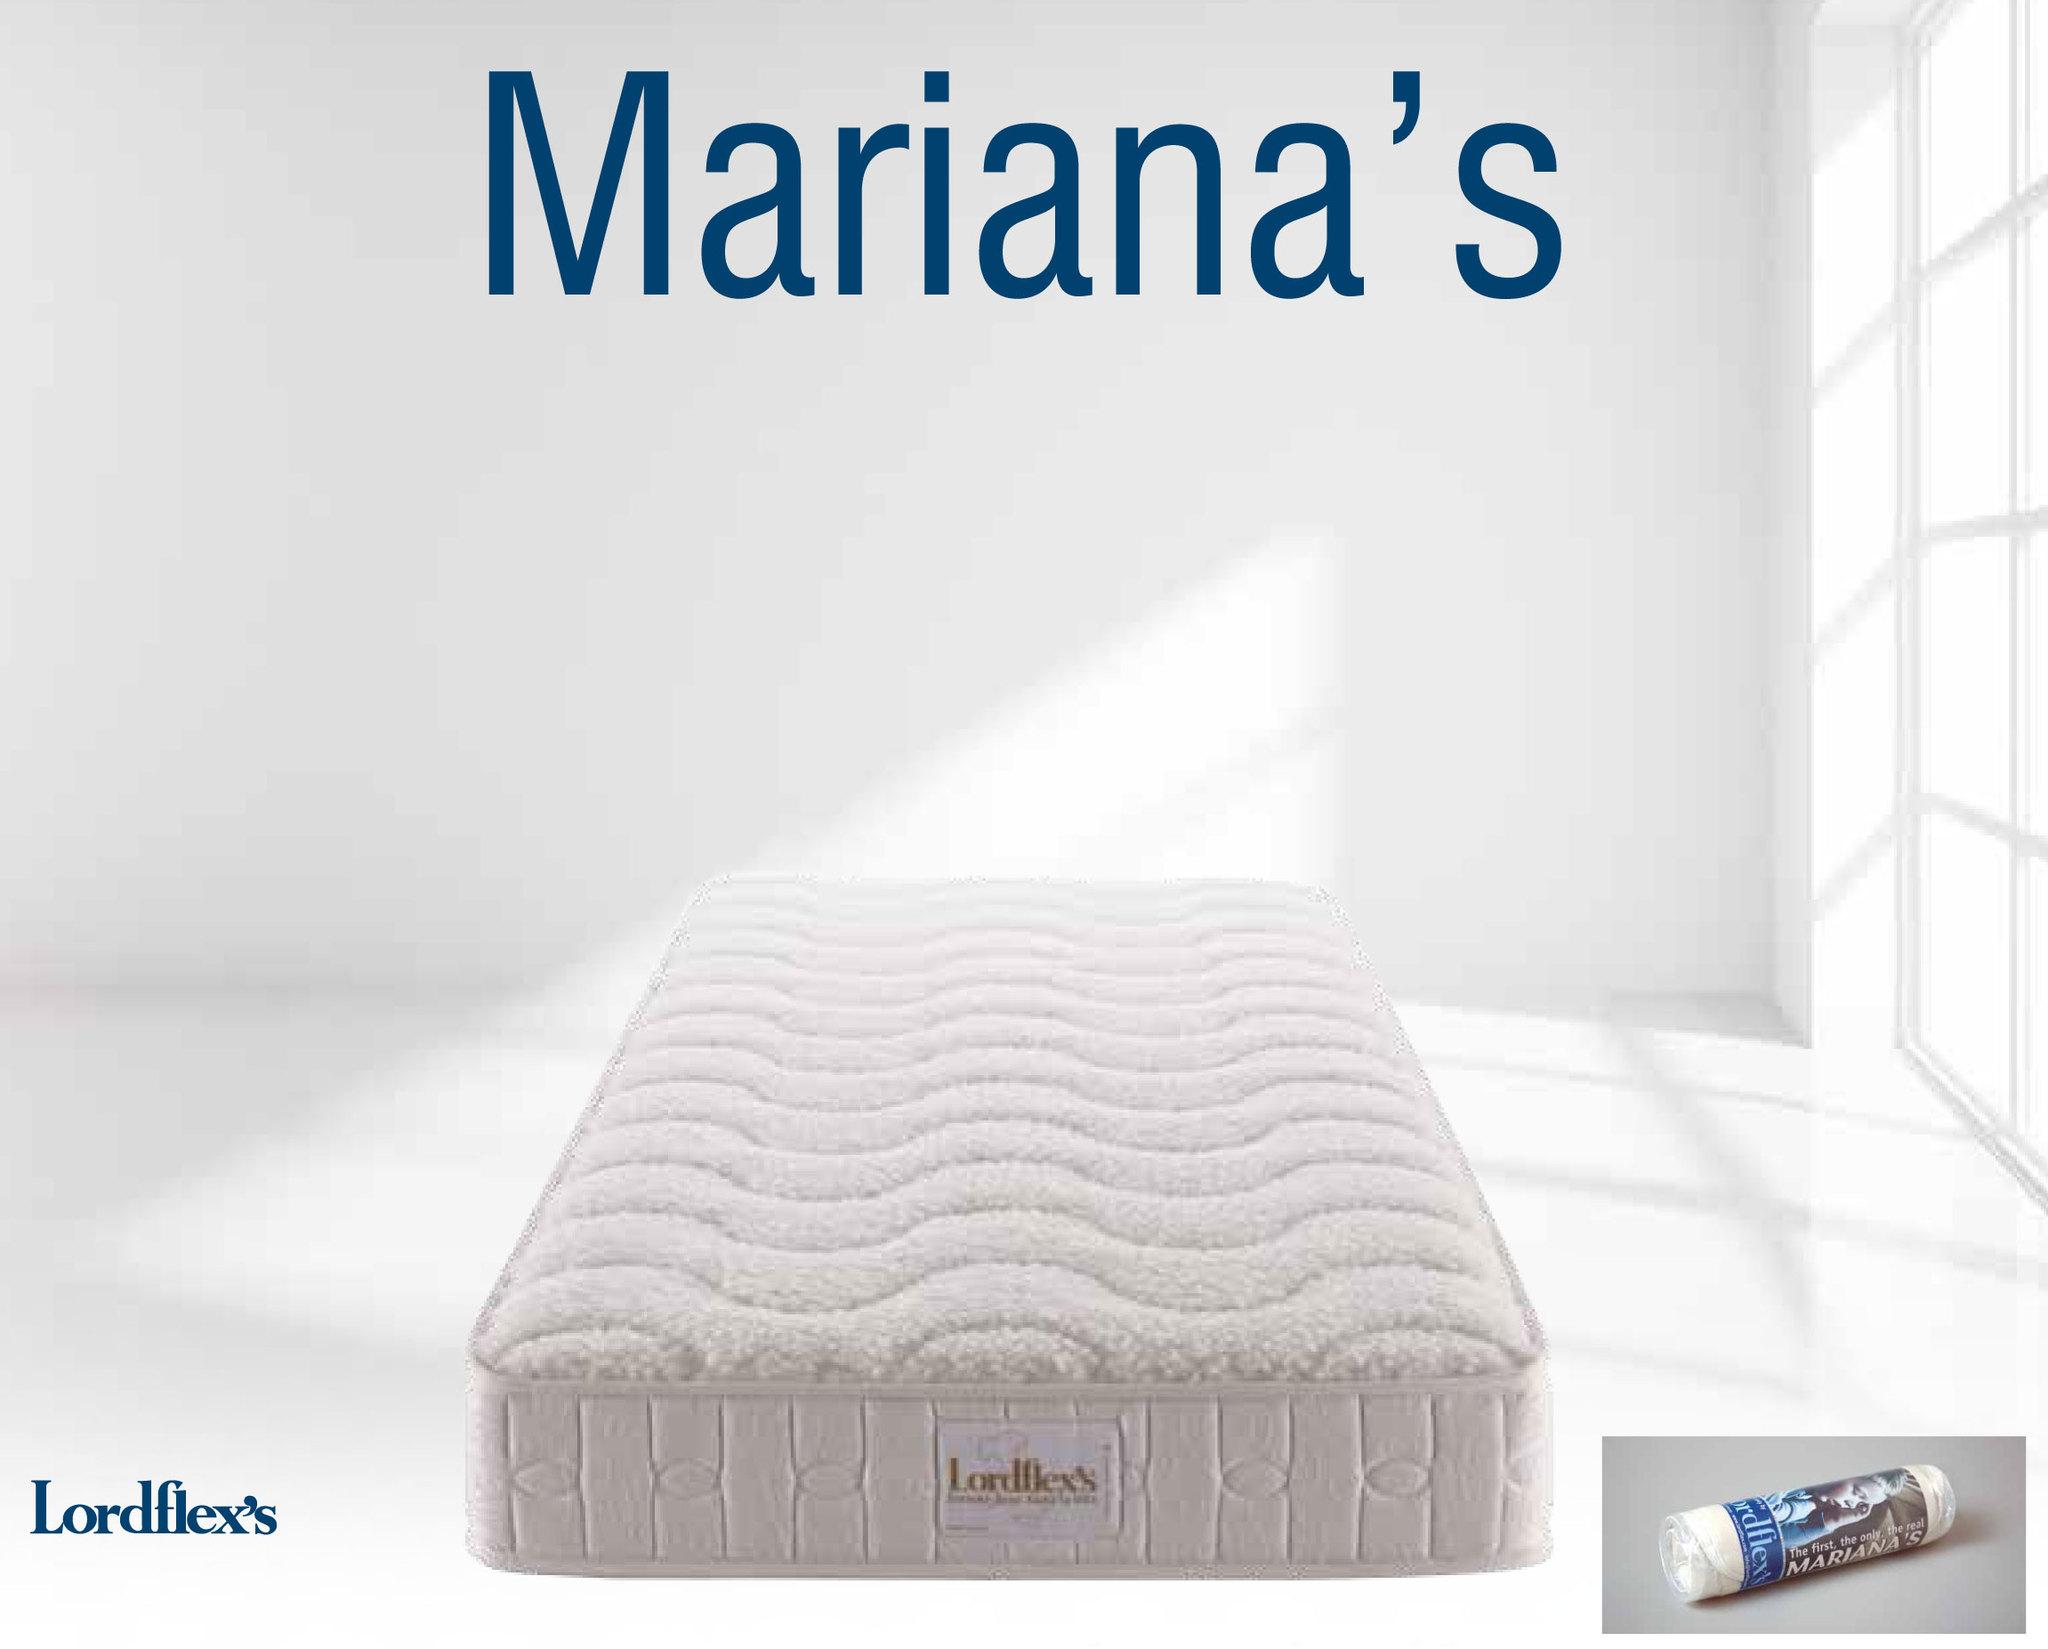 Матрасы Матрас ортопедический Lordflex's Mariana's 180х200 до 140 кг в вакуумной упаковке 1_Mariana_s.jpg